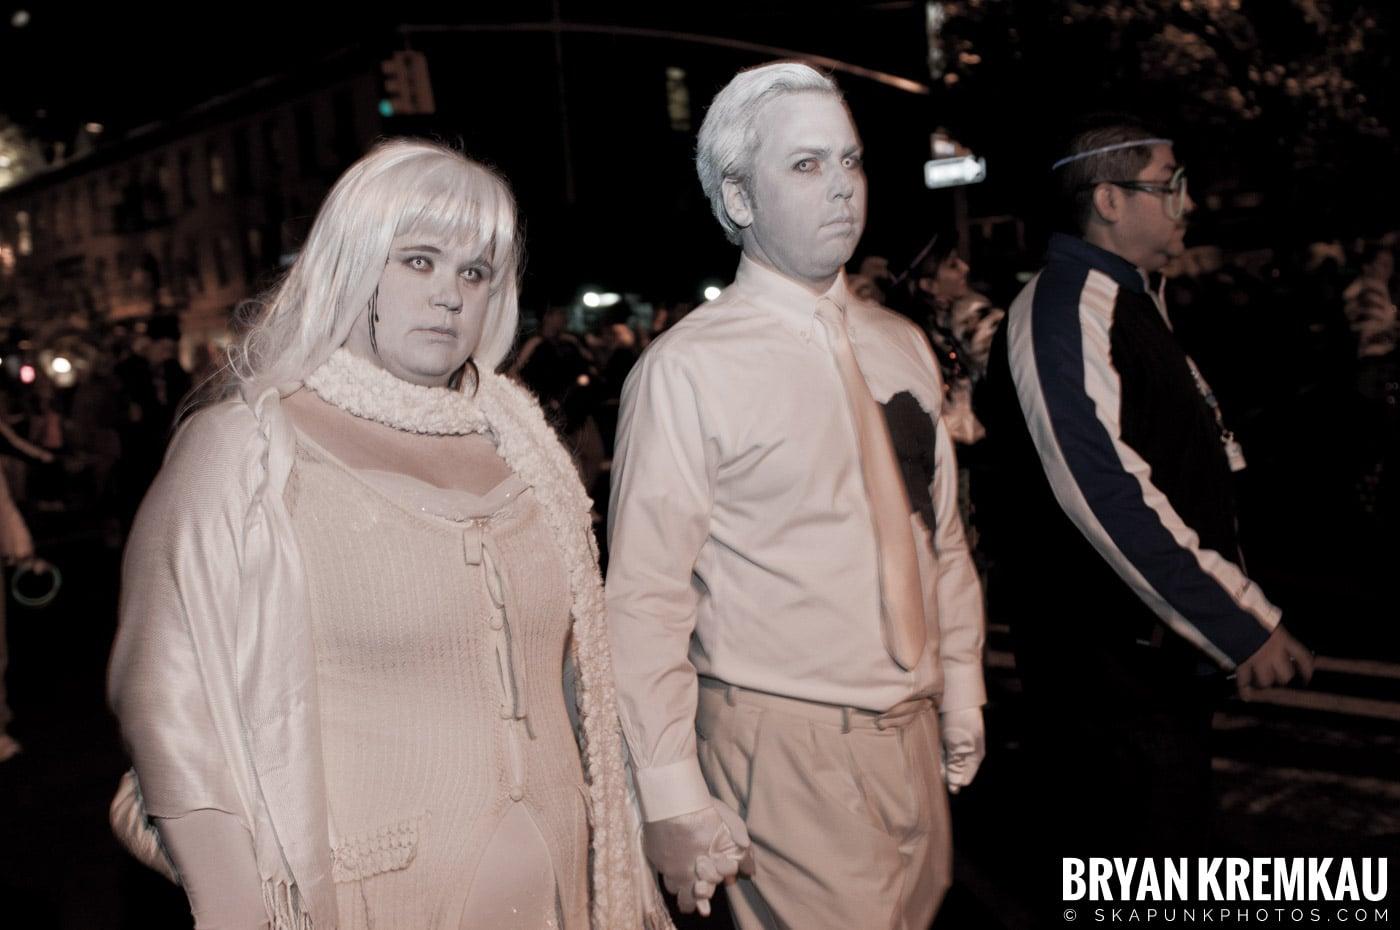 NYC Halloween Parade 2011 @ New York, NY - 10.31.11 (18)